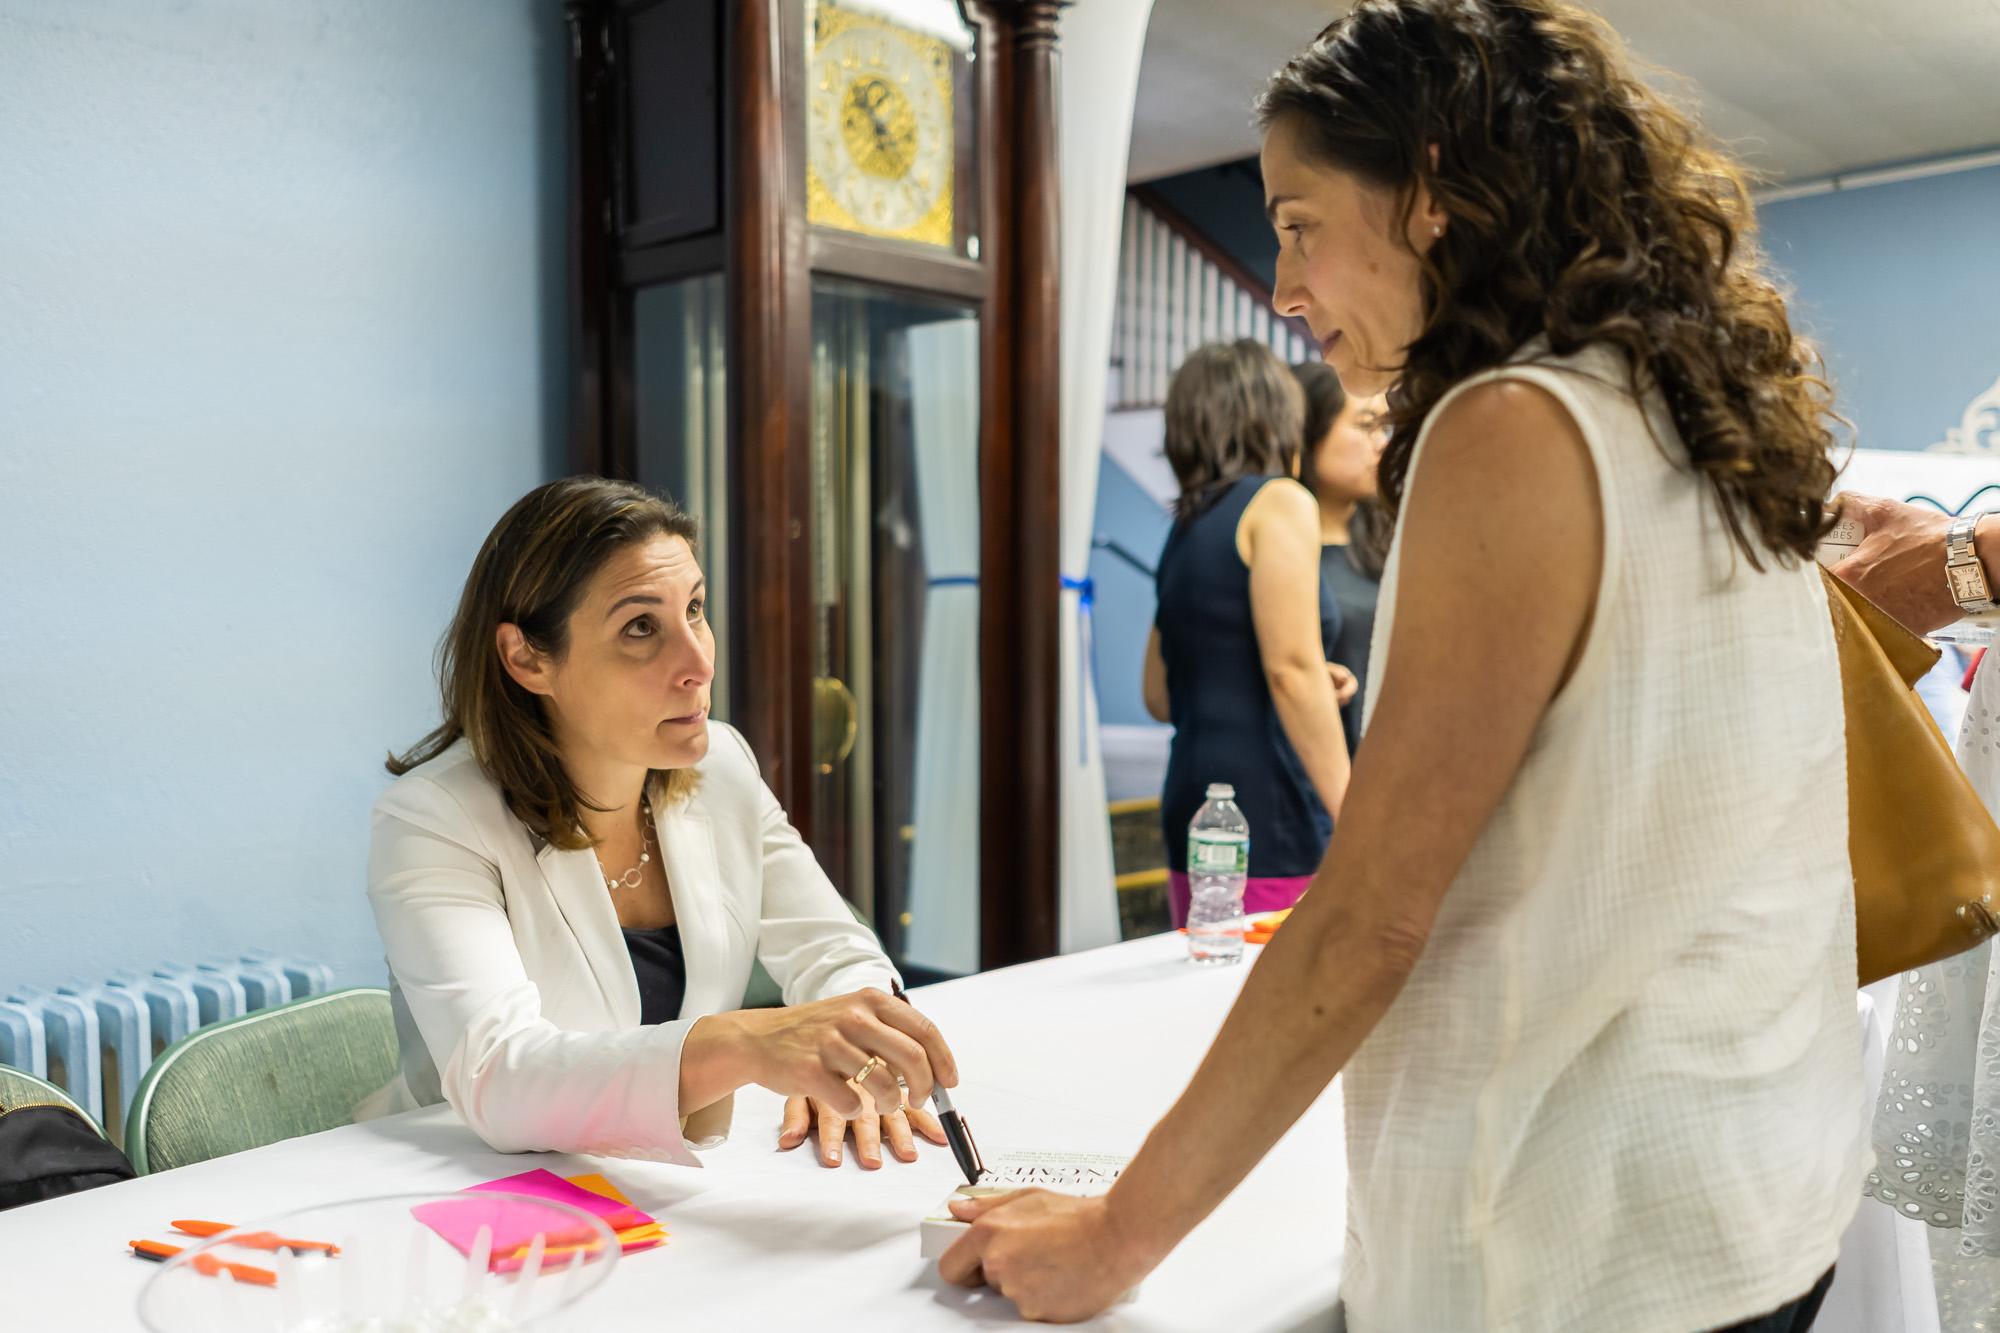 Book signing S.Kaplan.jpg